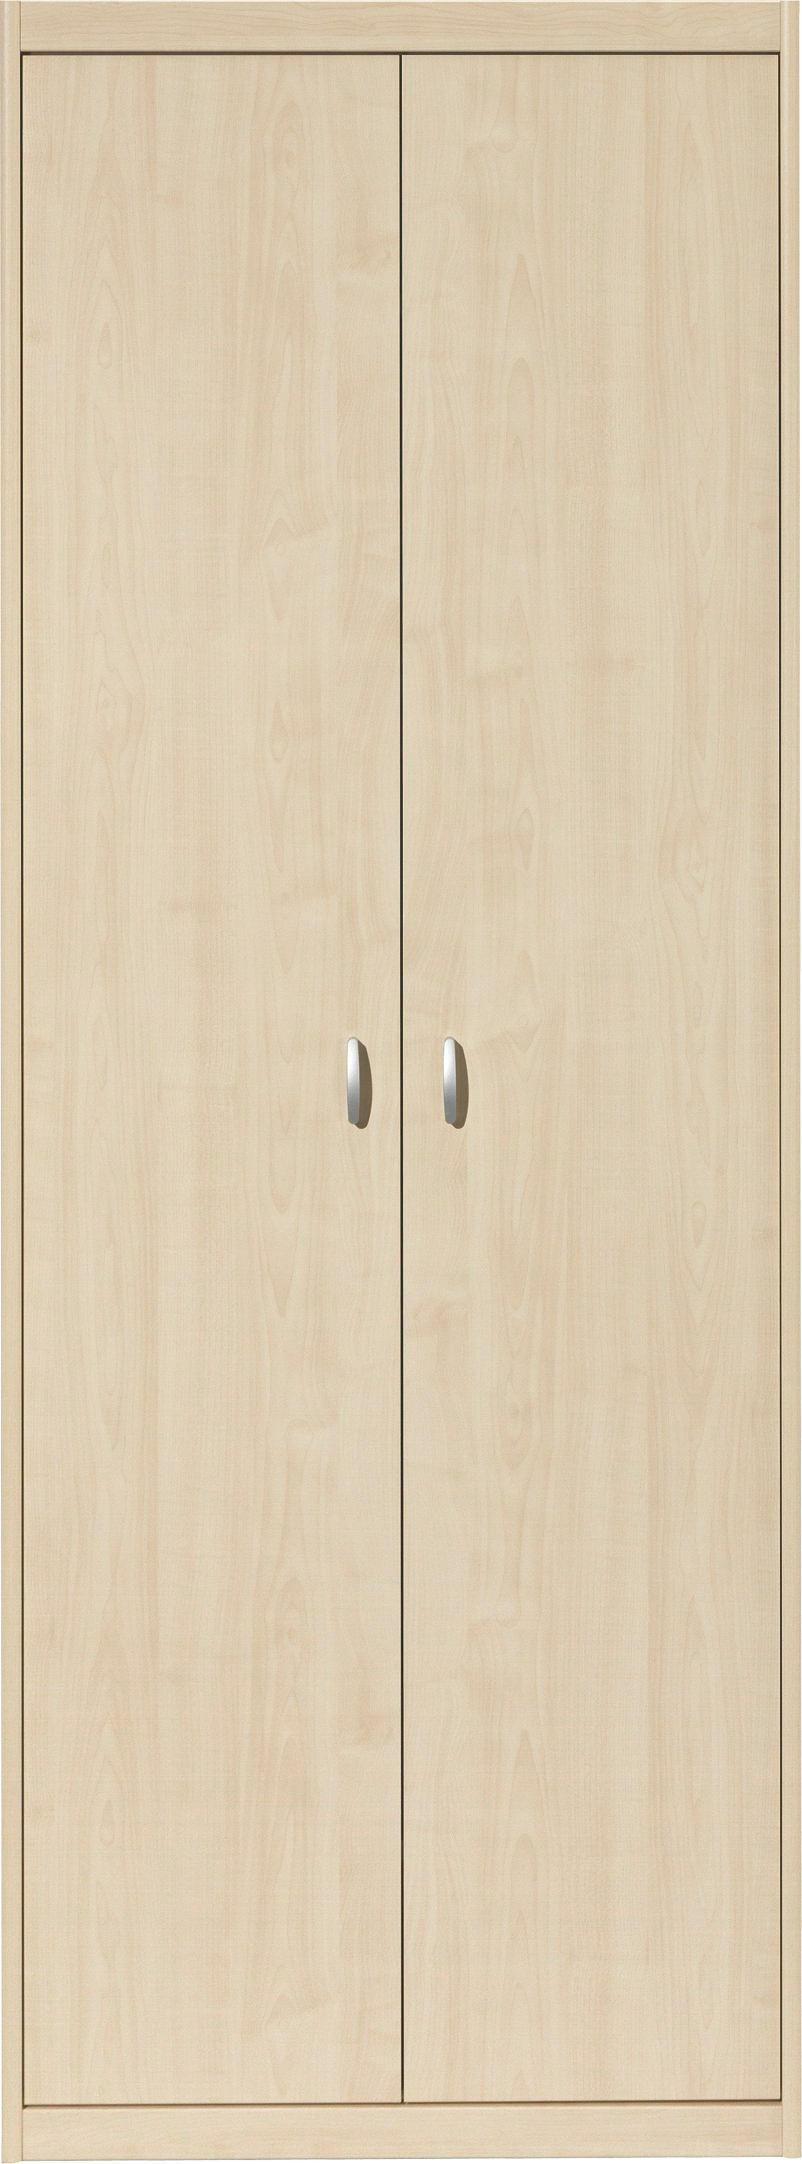 KLEIDERSCHRANK in Ahornfarben - Silberfarben/Ahornfarben, KONVENTIONELL, Holzwerkstoff/Kunststoff (72/194/54cm) - CS SCHMAL